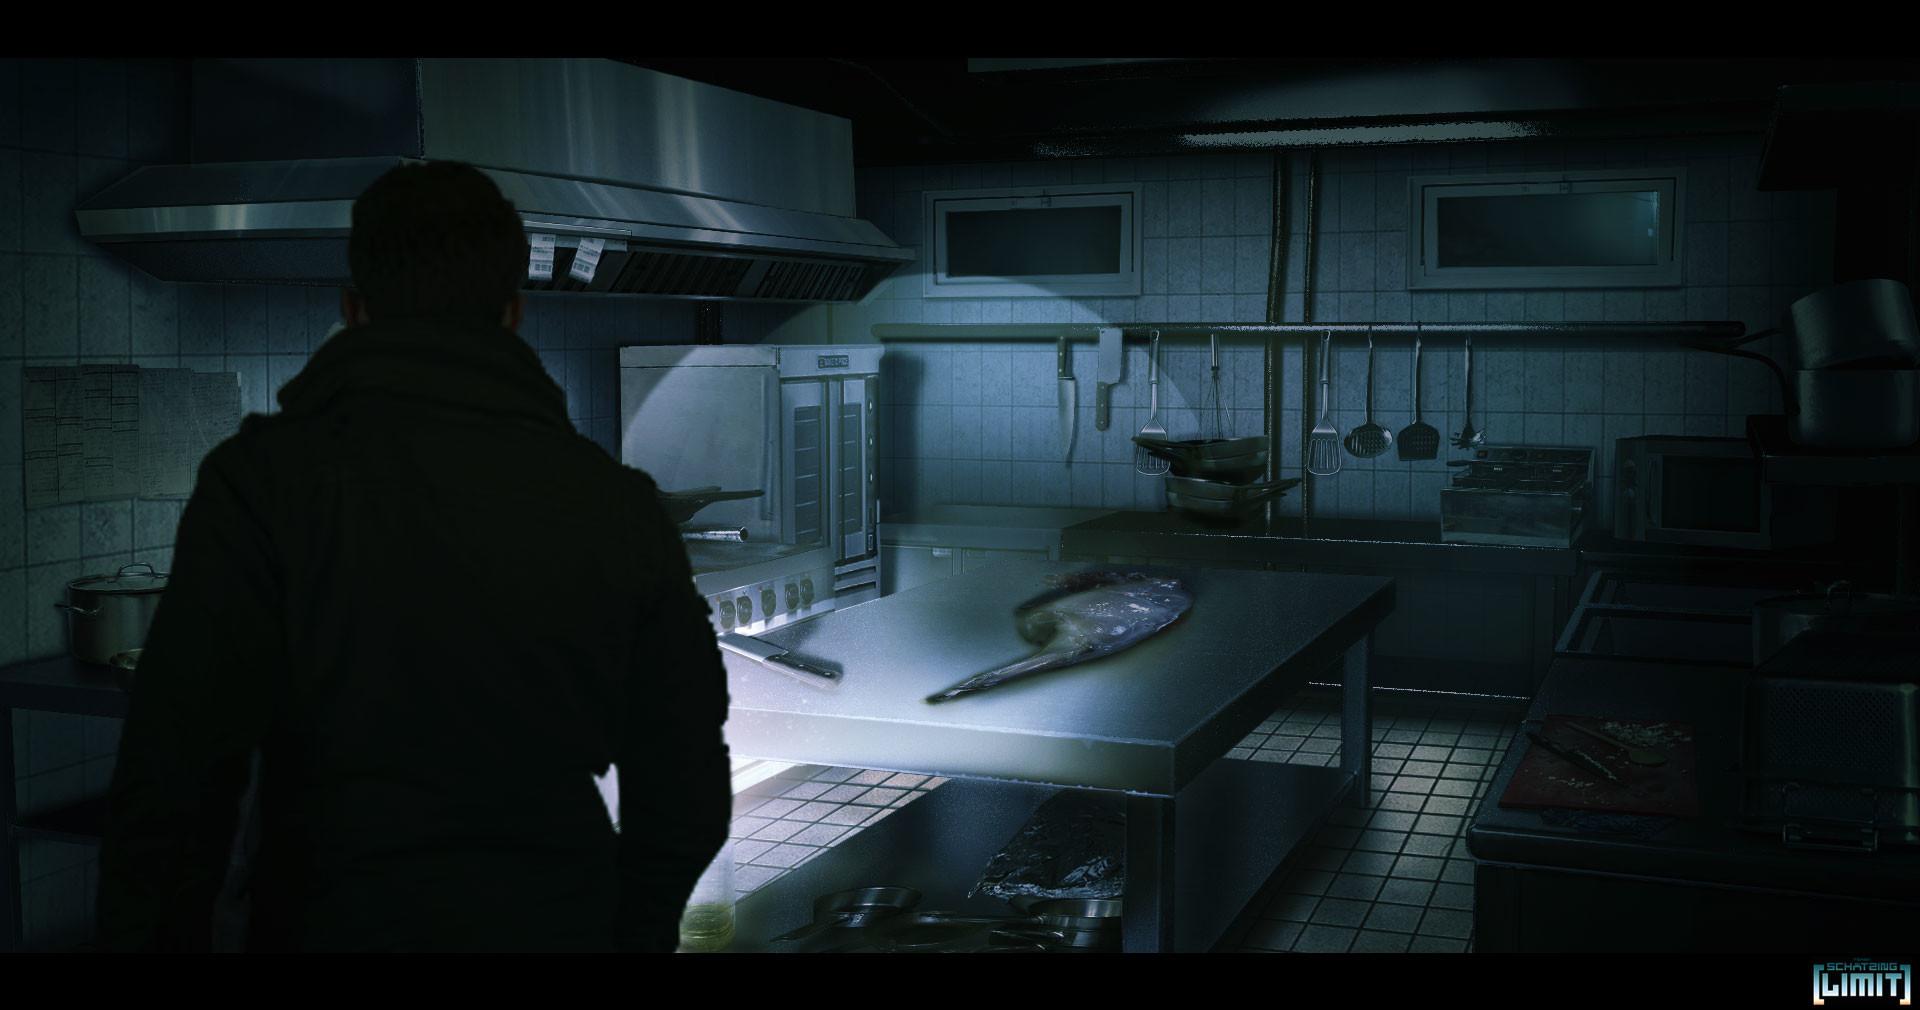 Timo peter muntu kitchen 02 2